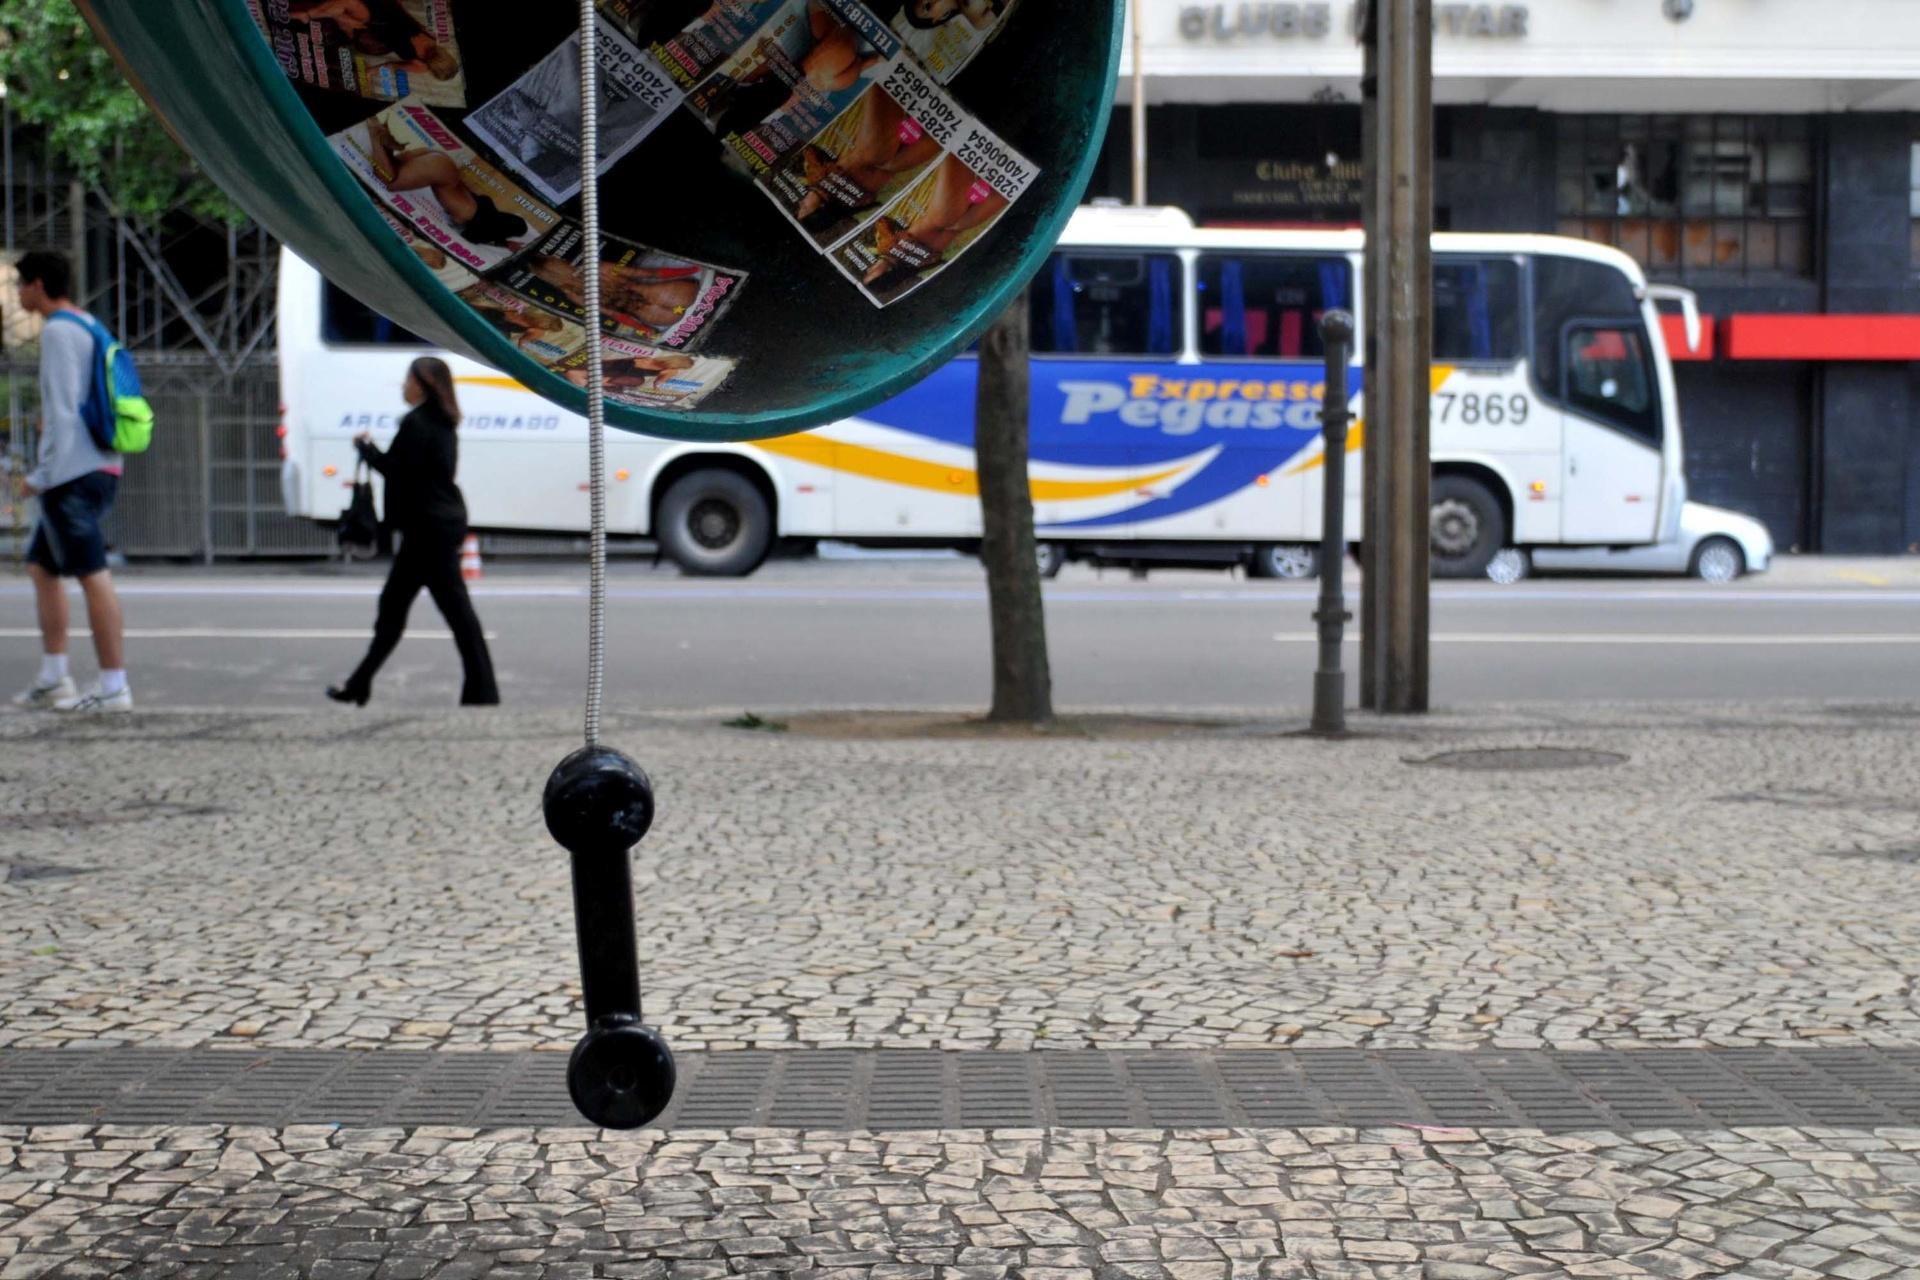 8.set.2013 - Telefone público amanhece depredado após protesto em apoio a professores em greve na noite de segunda-feira (7) na Cinelândia, zona central da cidade